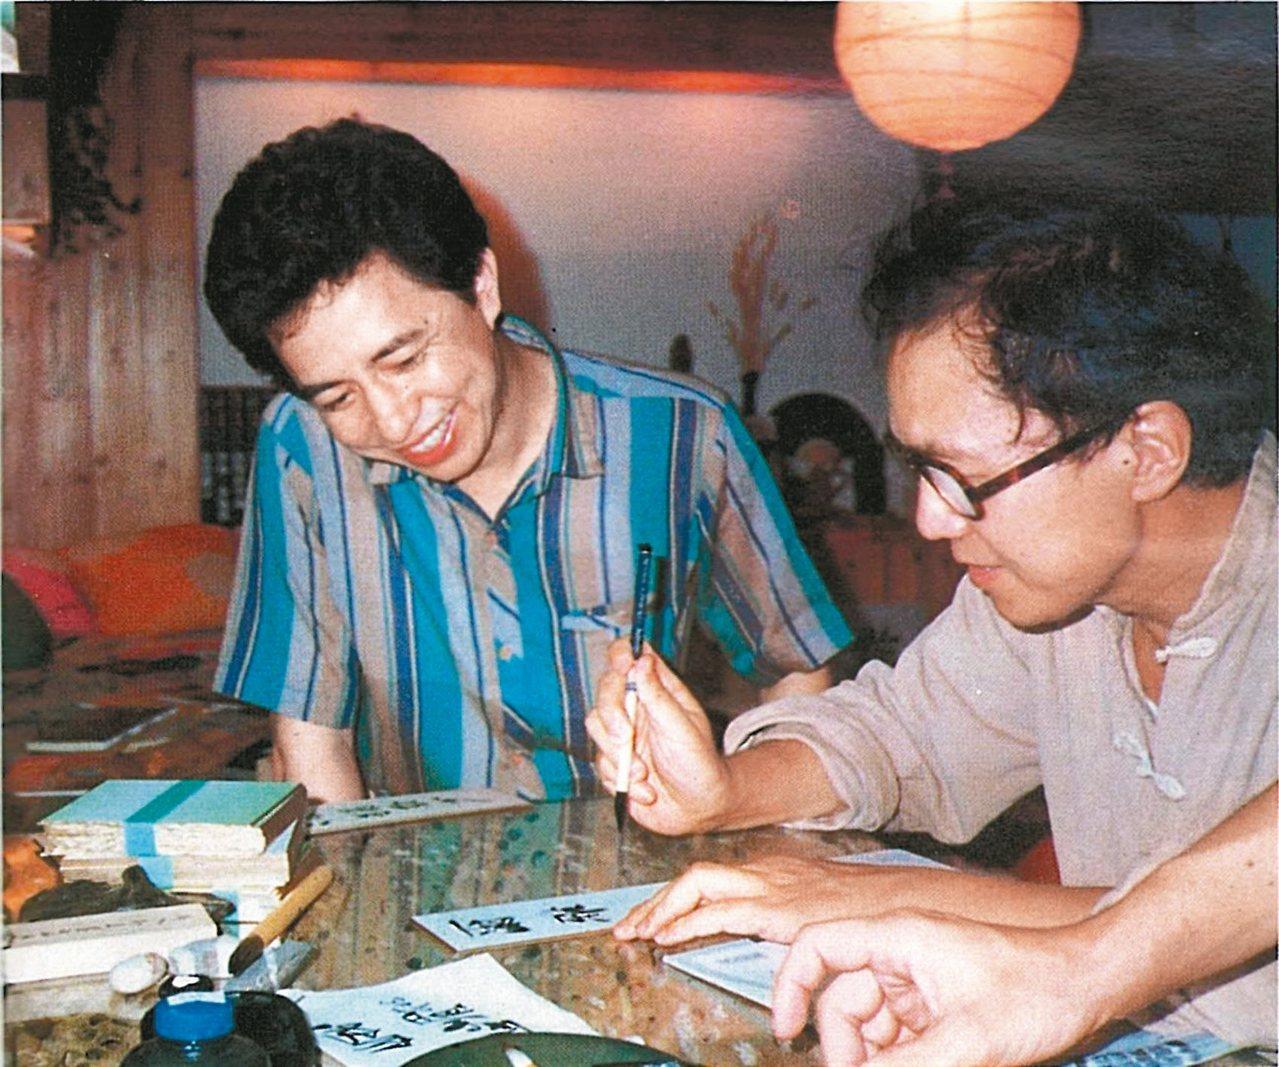 隱地(左)看著楚戈寫「爾雅」,他一生奉獻精力和心力的兩個字。 圖/隱地提供